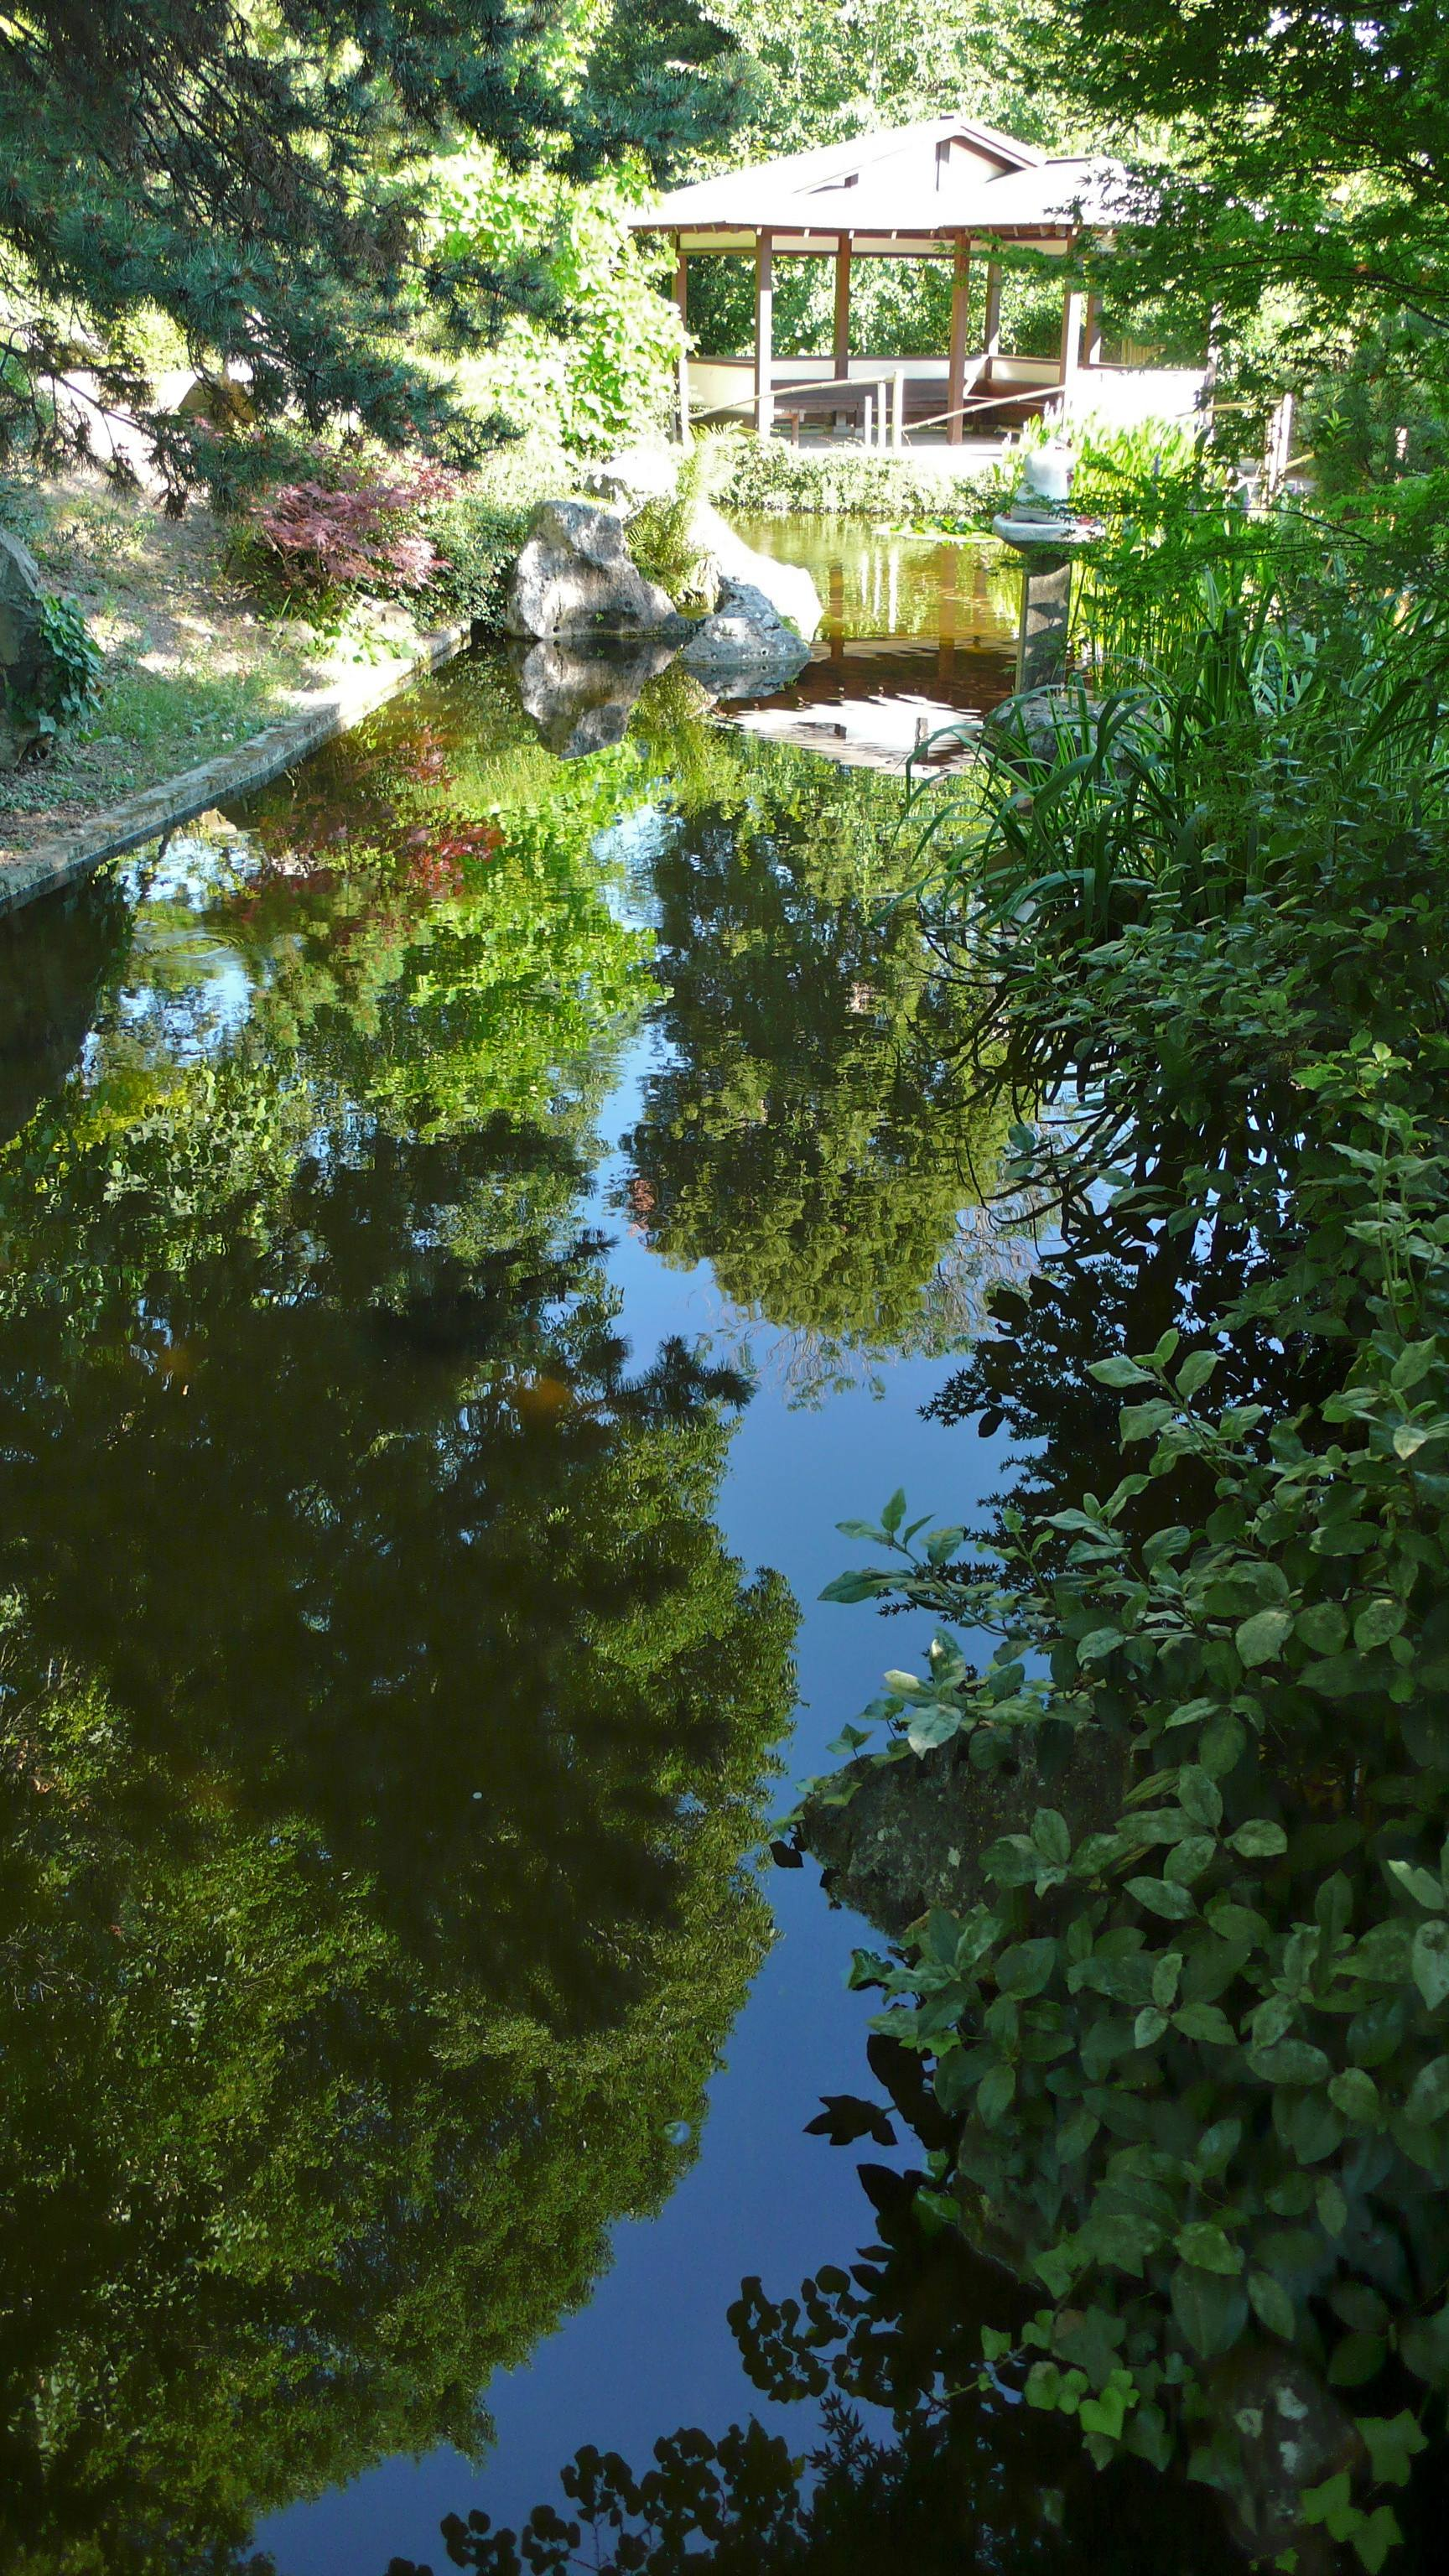 Giardino giapponese in estate sapienza universit di roma for O giardino di pulcinella roma